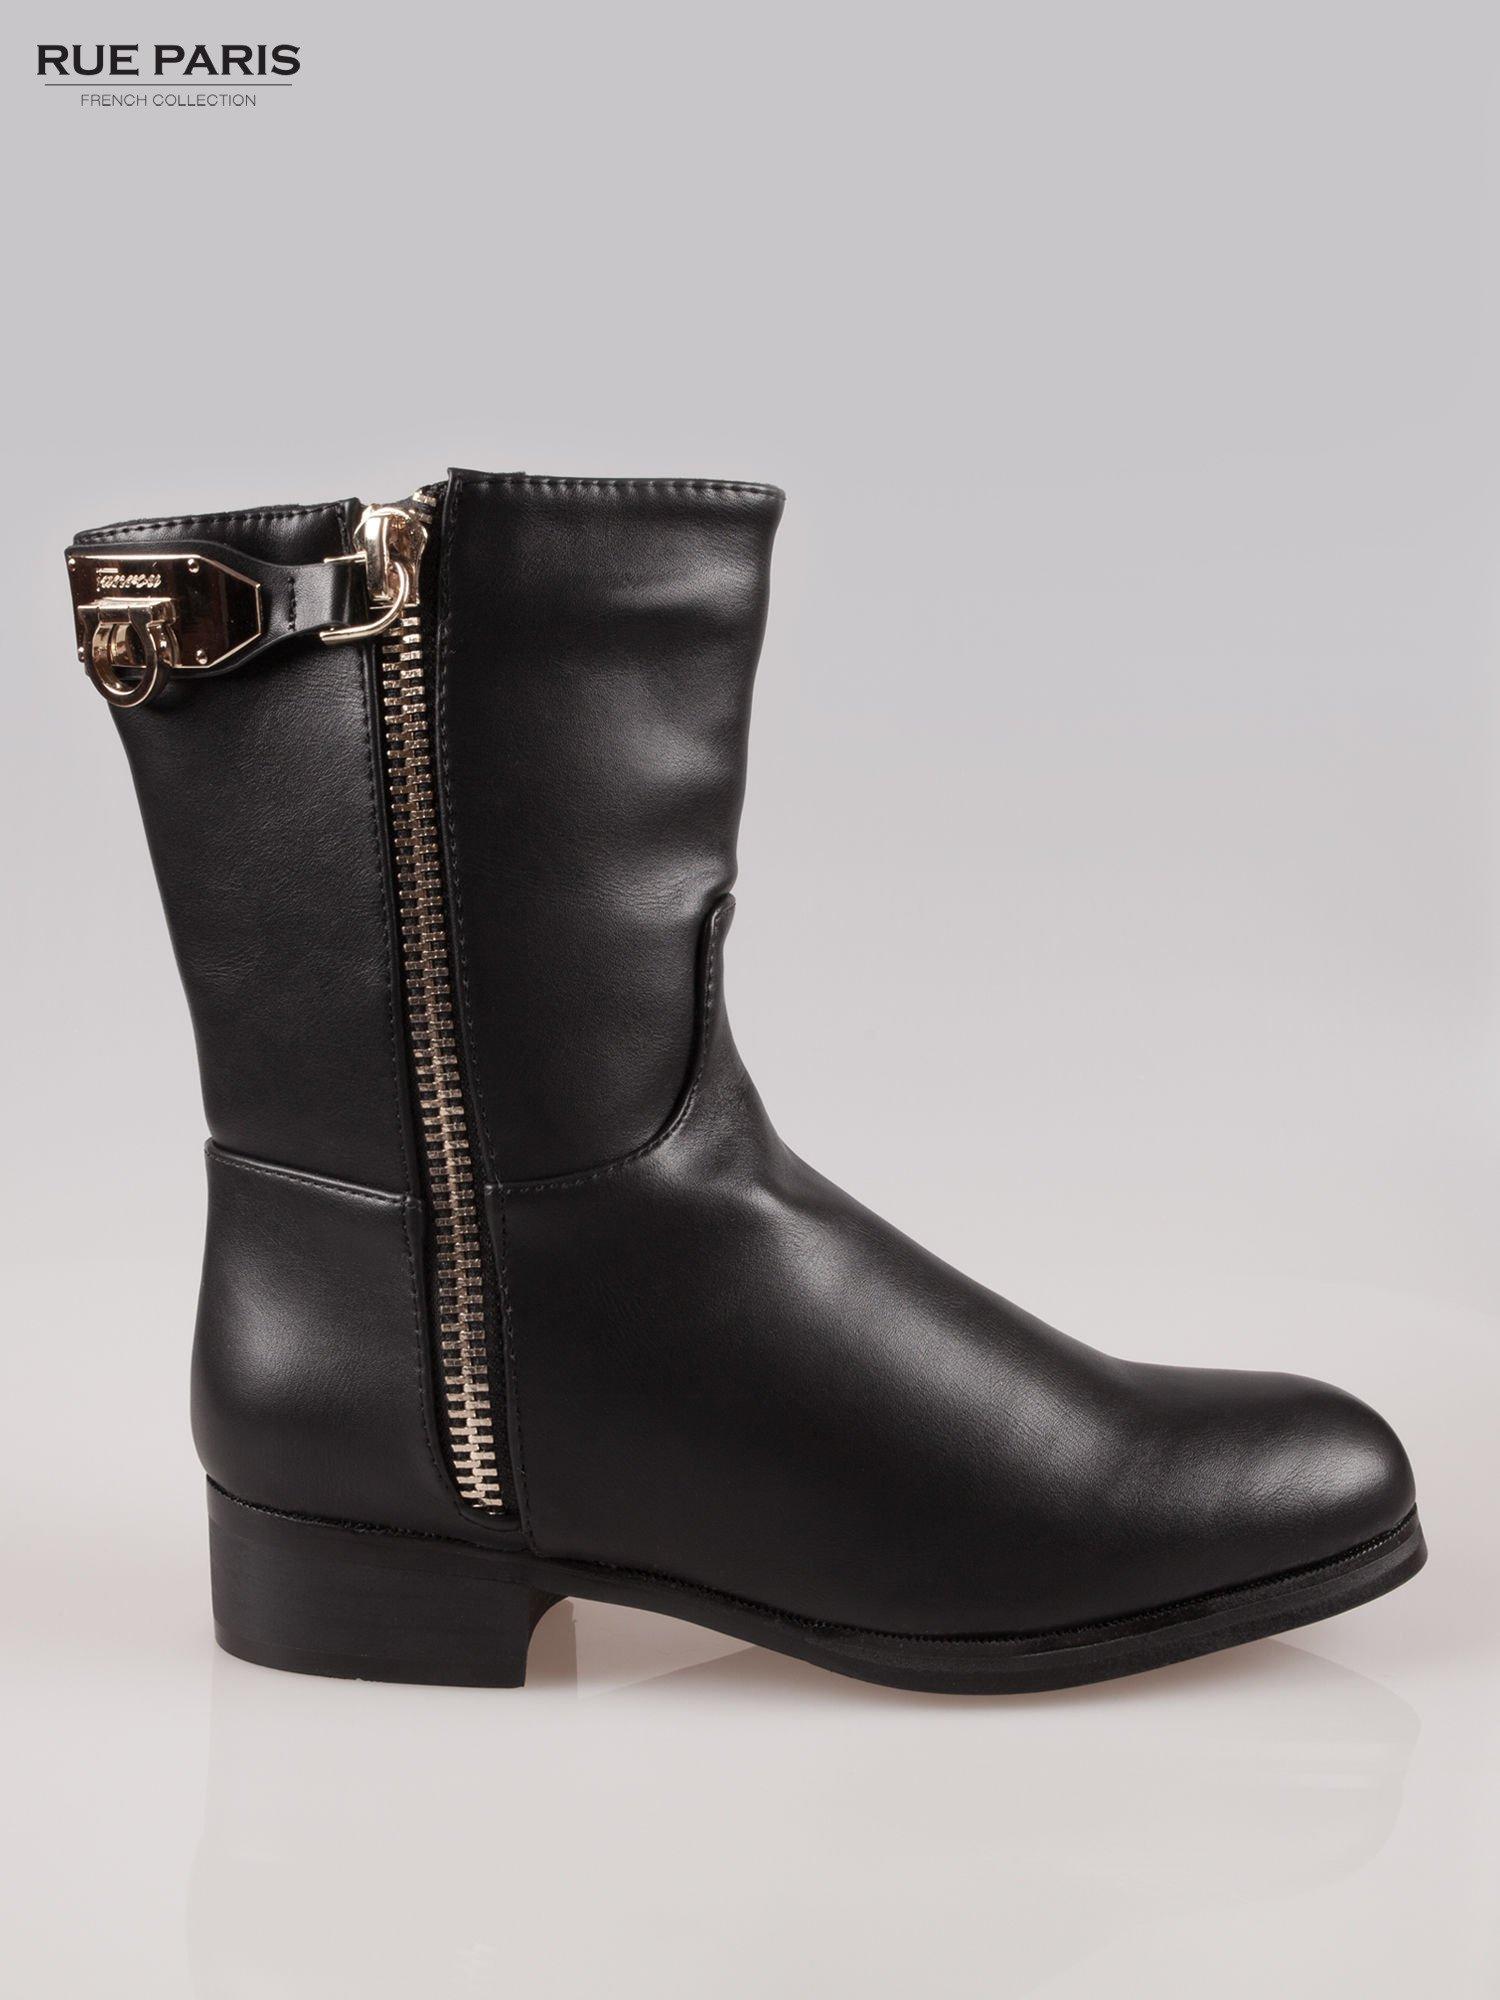 Czarne botki biker boots ze złotą sprzączką i zamkiem                                  zdj.                                  1